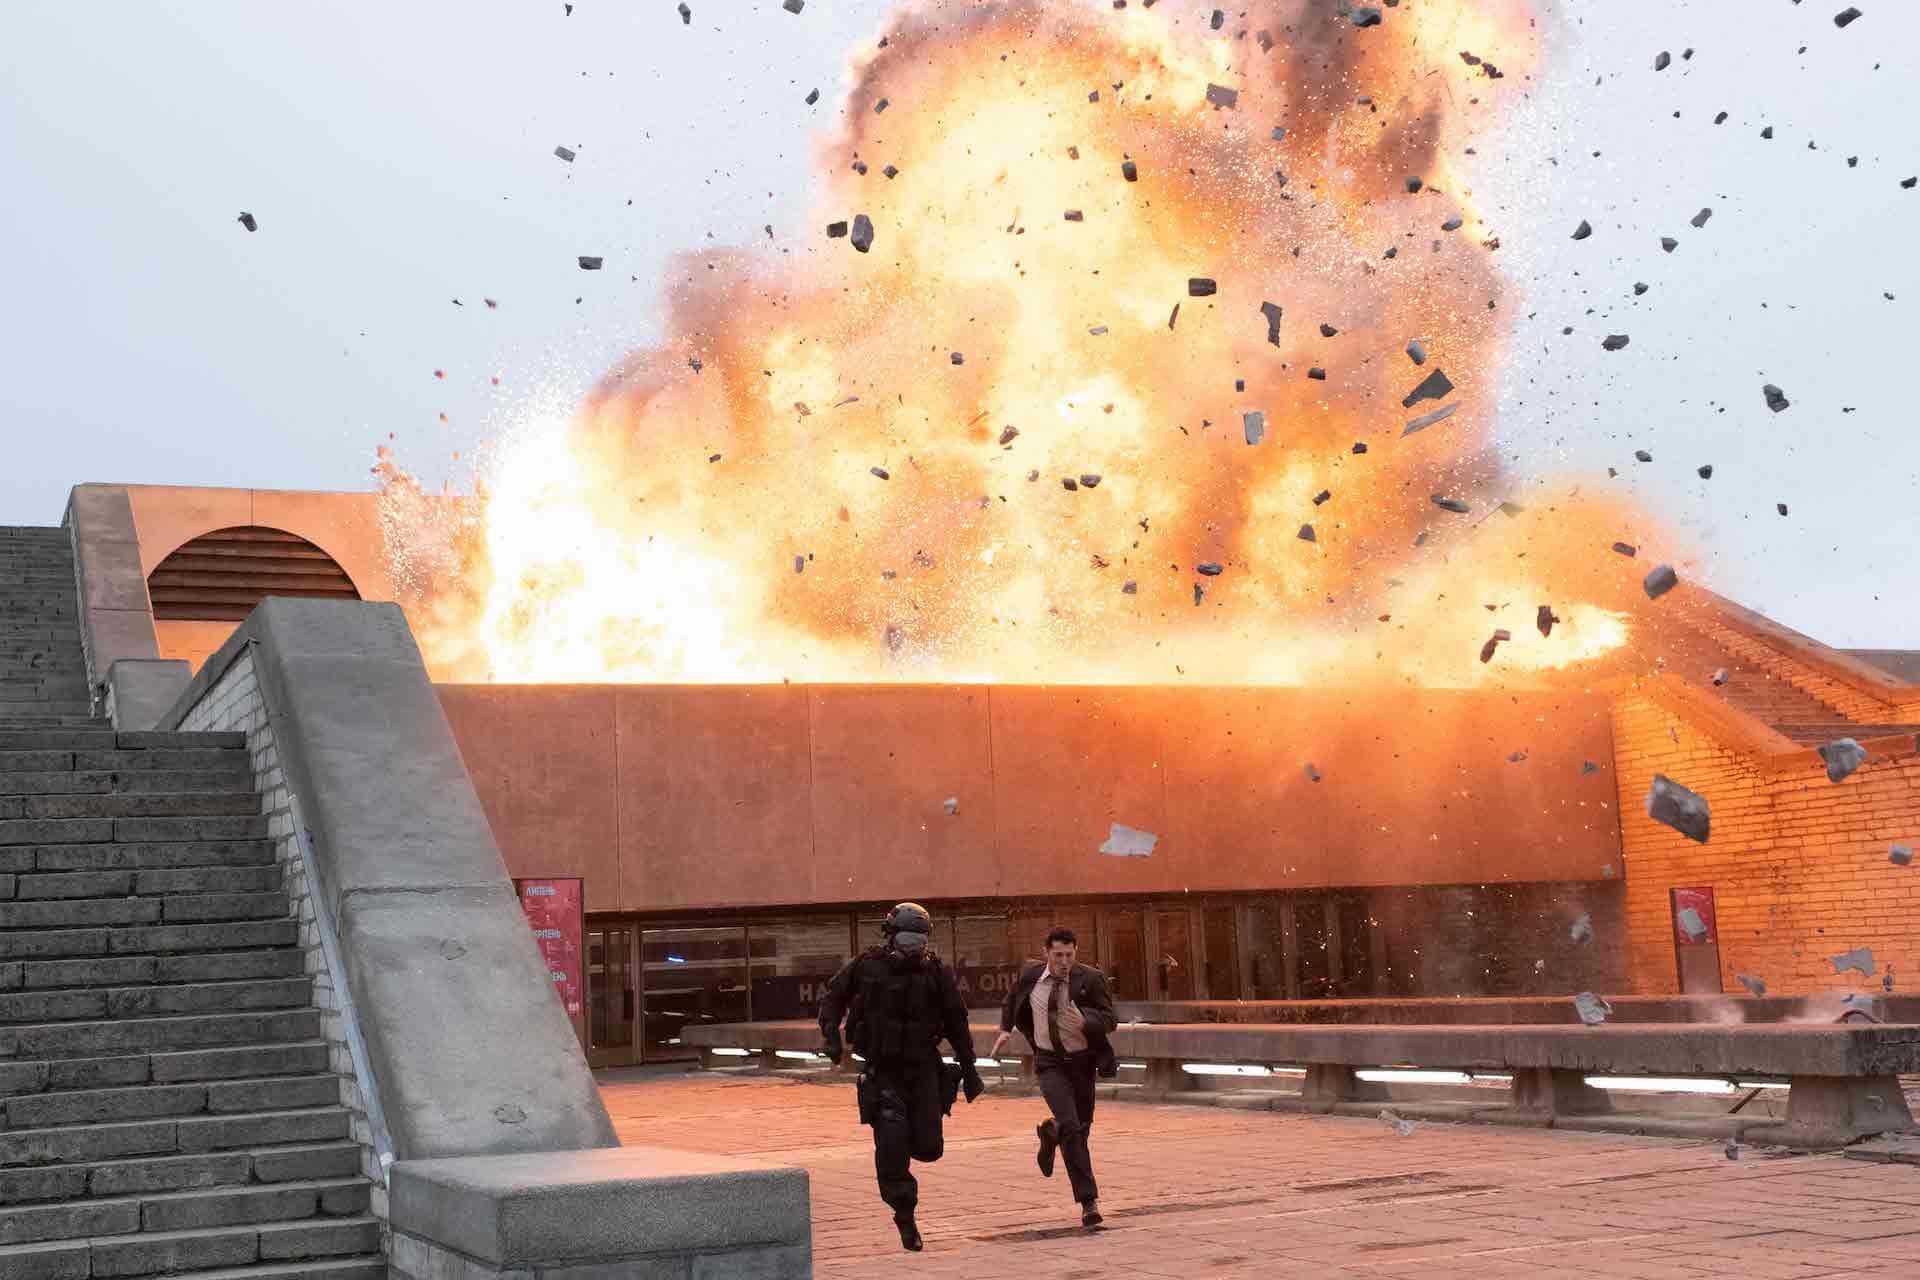 『TENET テネット』の新たな「時間の逆行」シーンがふんだんに盛り込まれた最新スポット映像2本が解禁! film200826_tenet_7